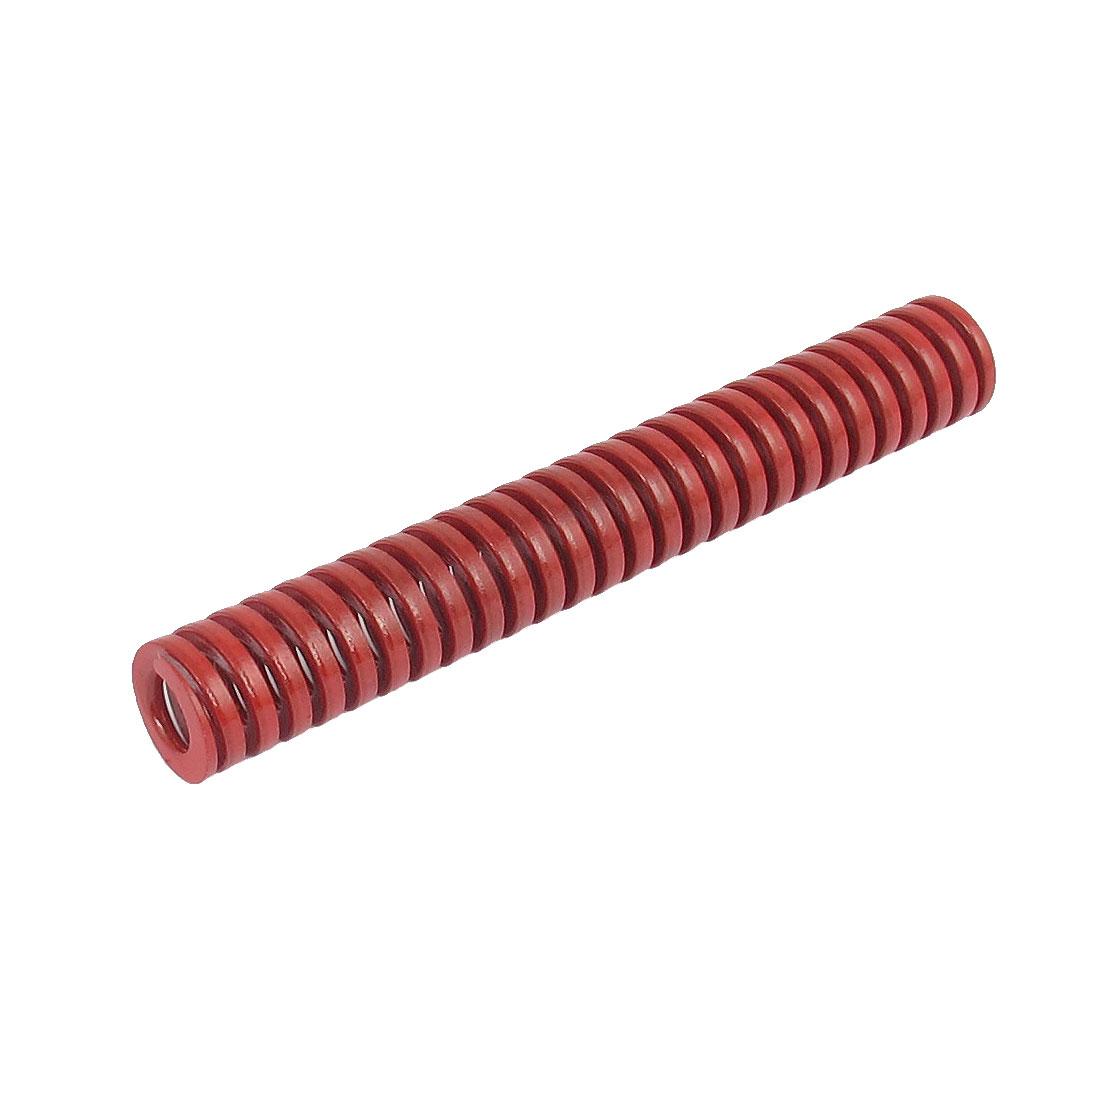 12mmx80mm Chromium Alloy Steel Medium Load Die Spring Red